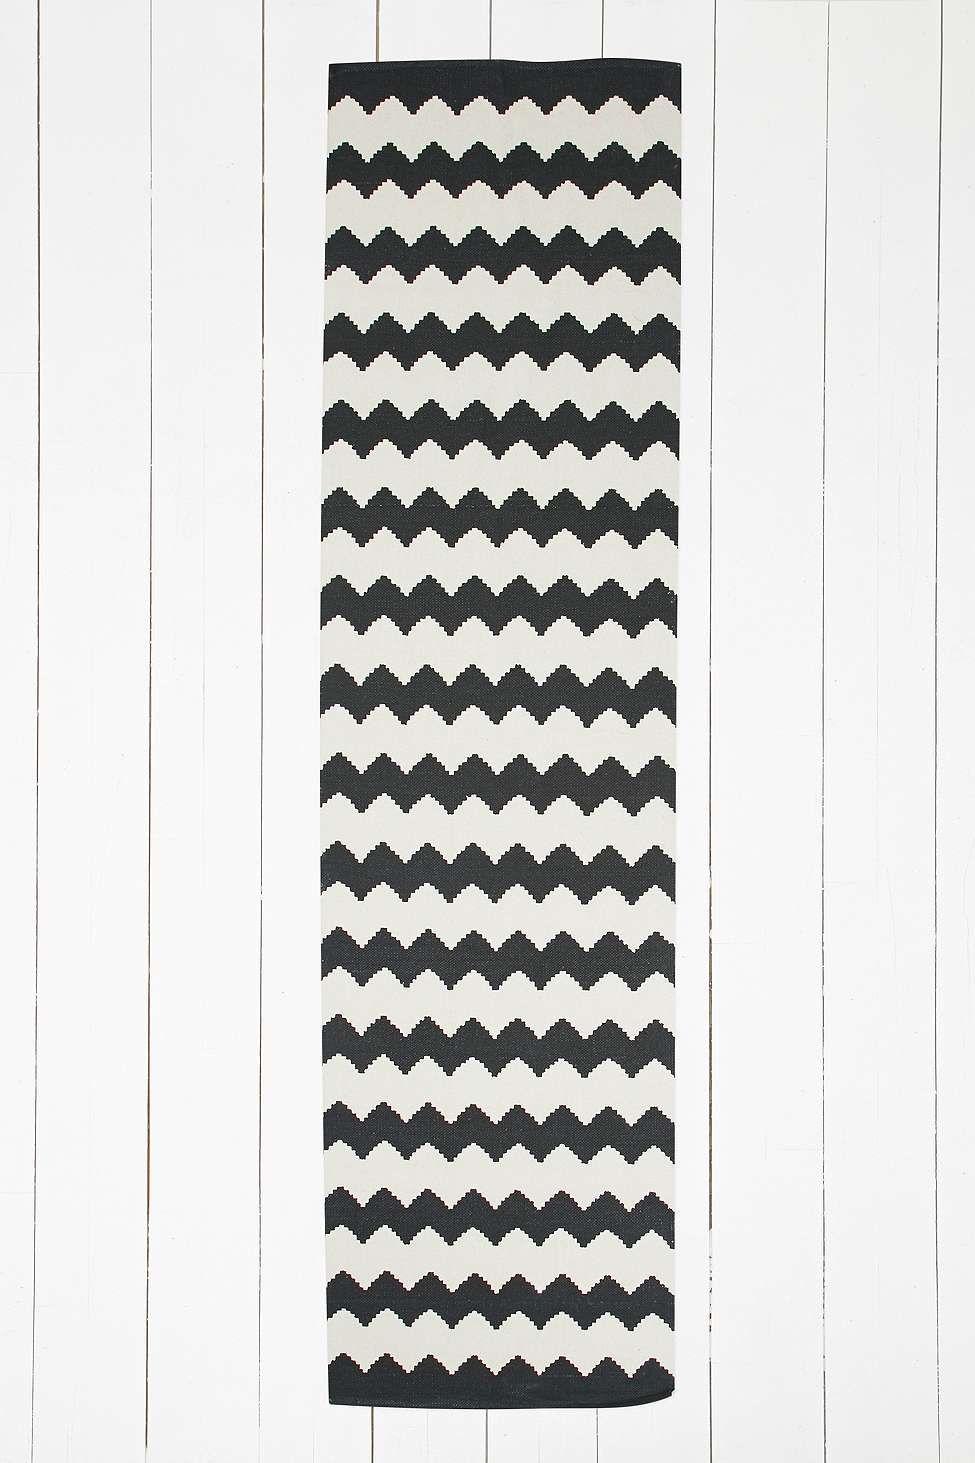 schwarzer teppich mit zickzackmuster 2 x 8 fu allg u pinterest schwarze teppiche. Black Bedroom Furniture Sets. Home Design Ideas